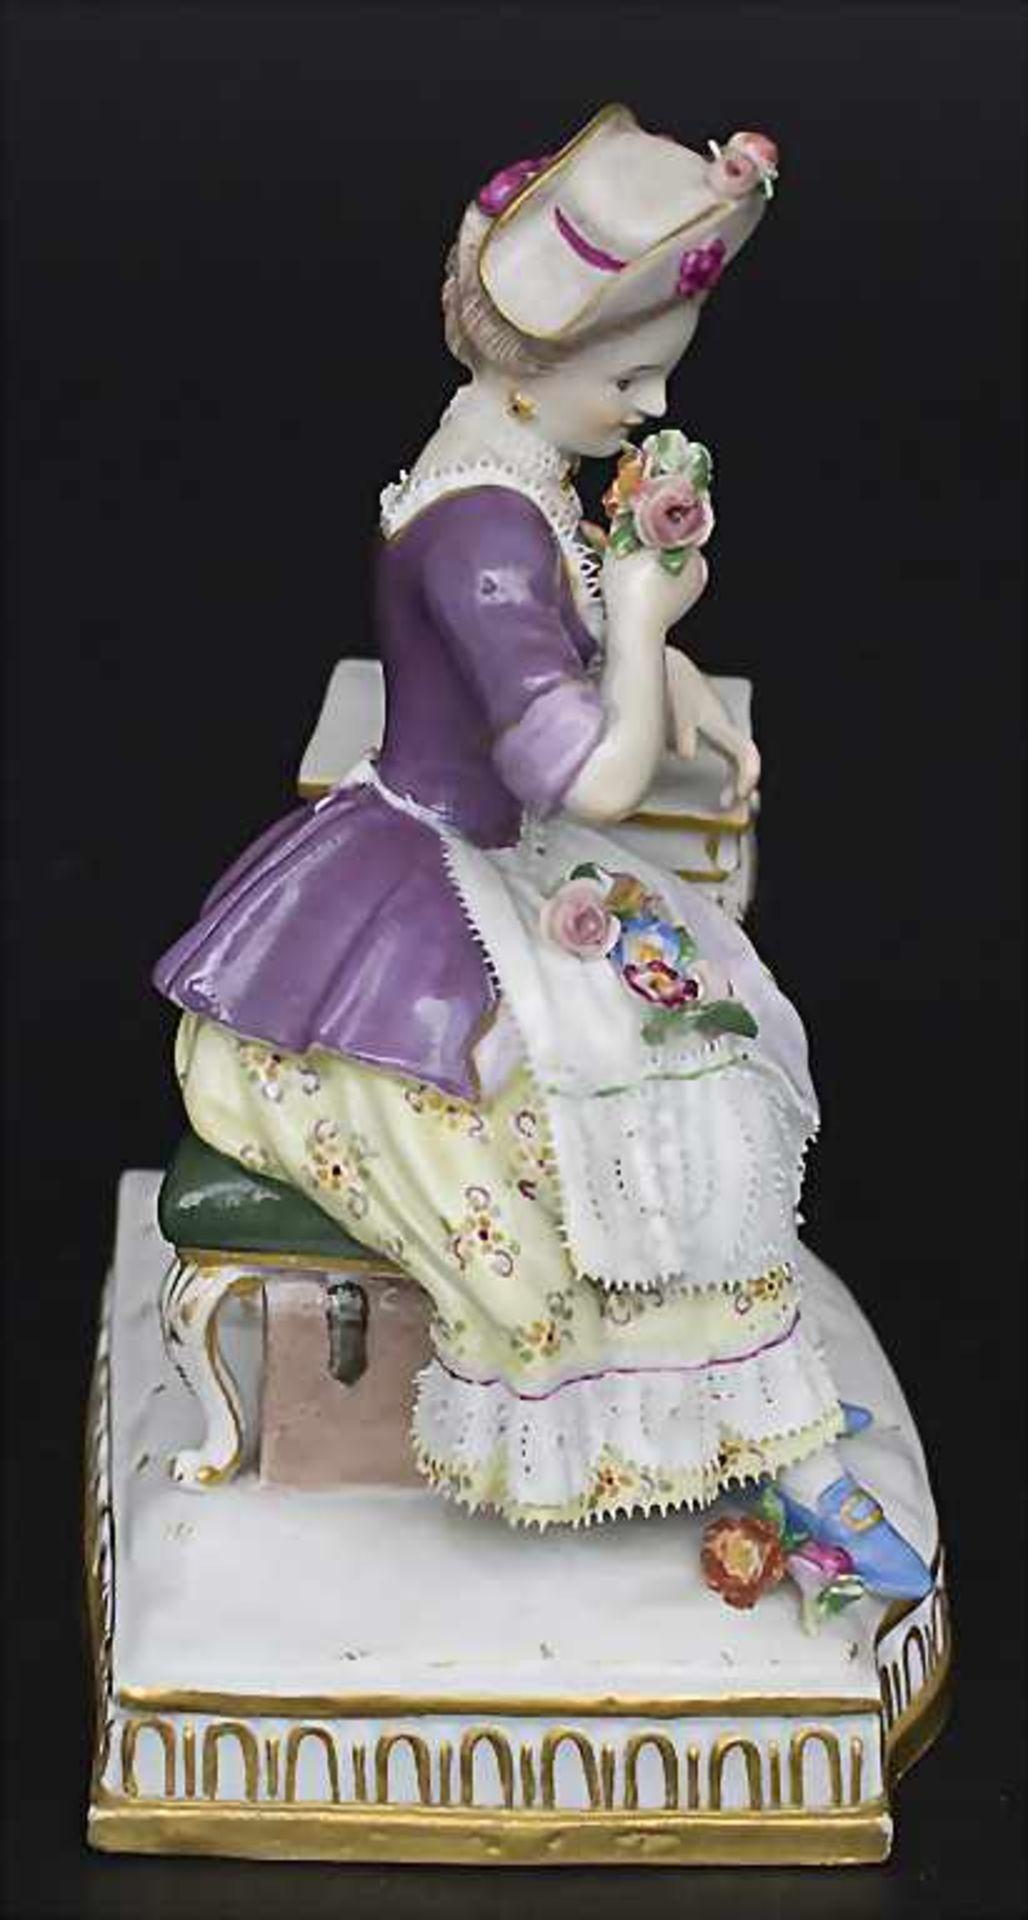 Allegorische Figur einer jungen Dame 'Der Geruch' / An allegorical figure of a young woman 'The - Bild 2 aus 5